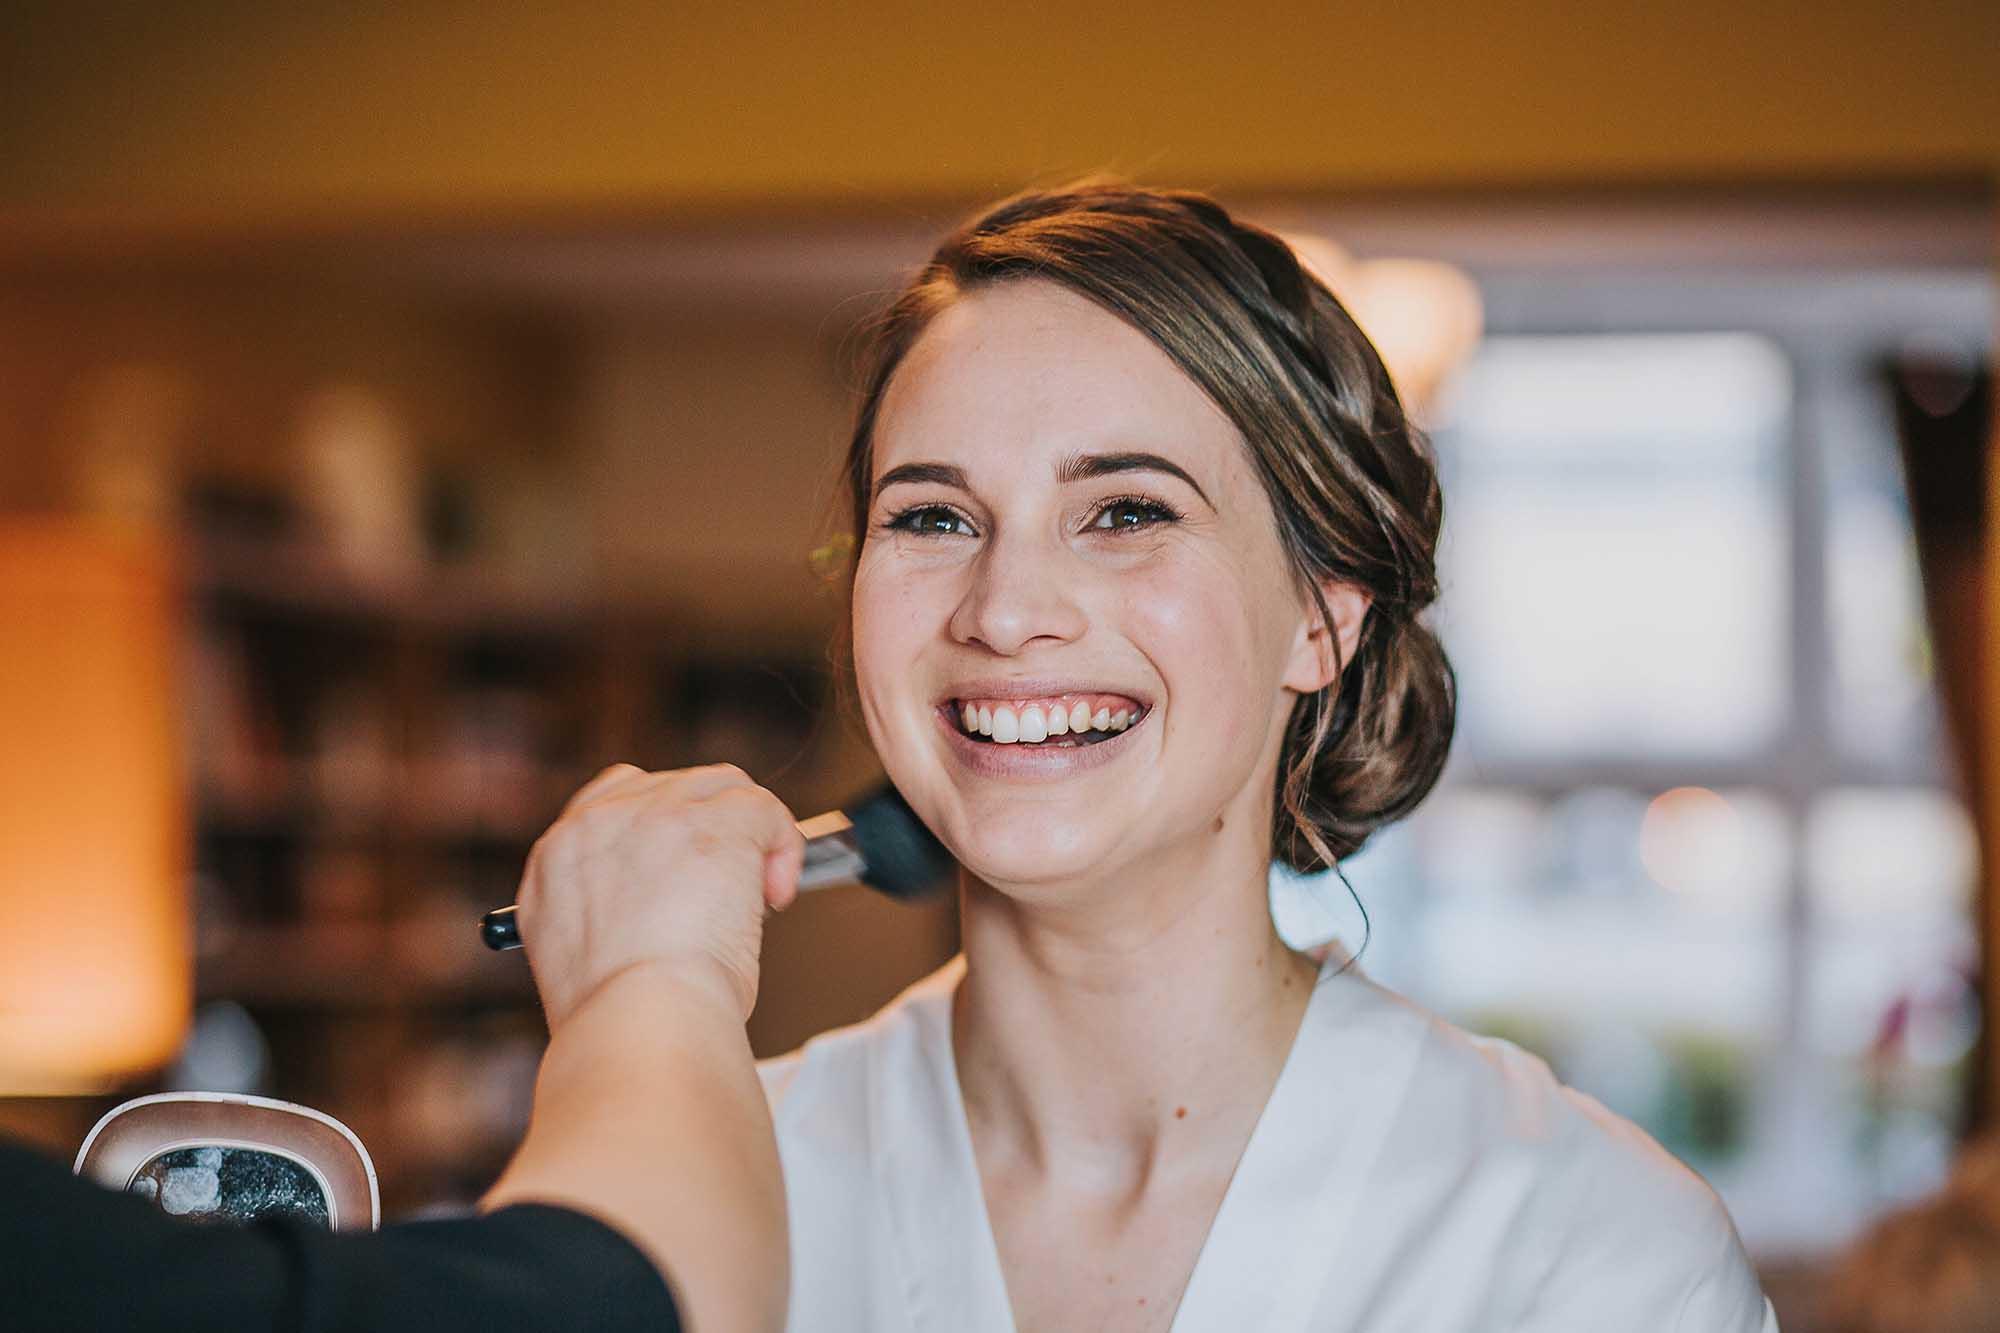 Nala & Knot wedding makeup